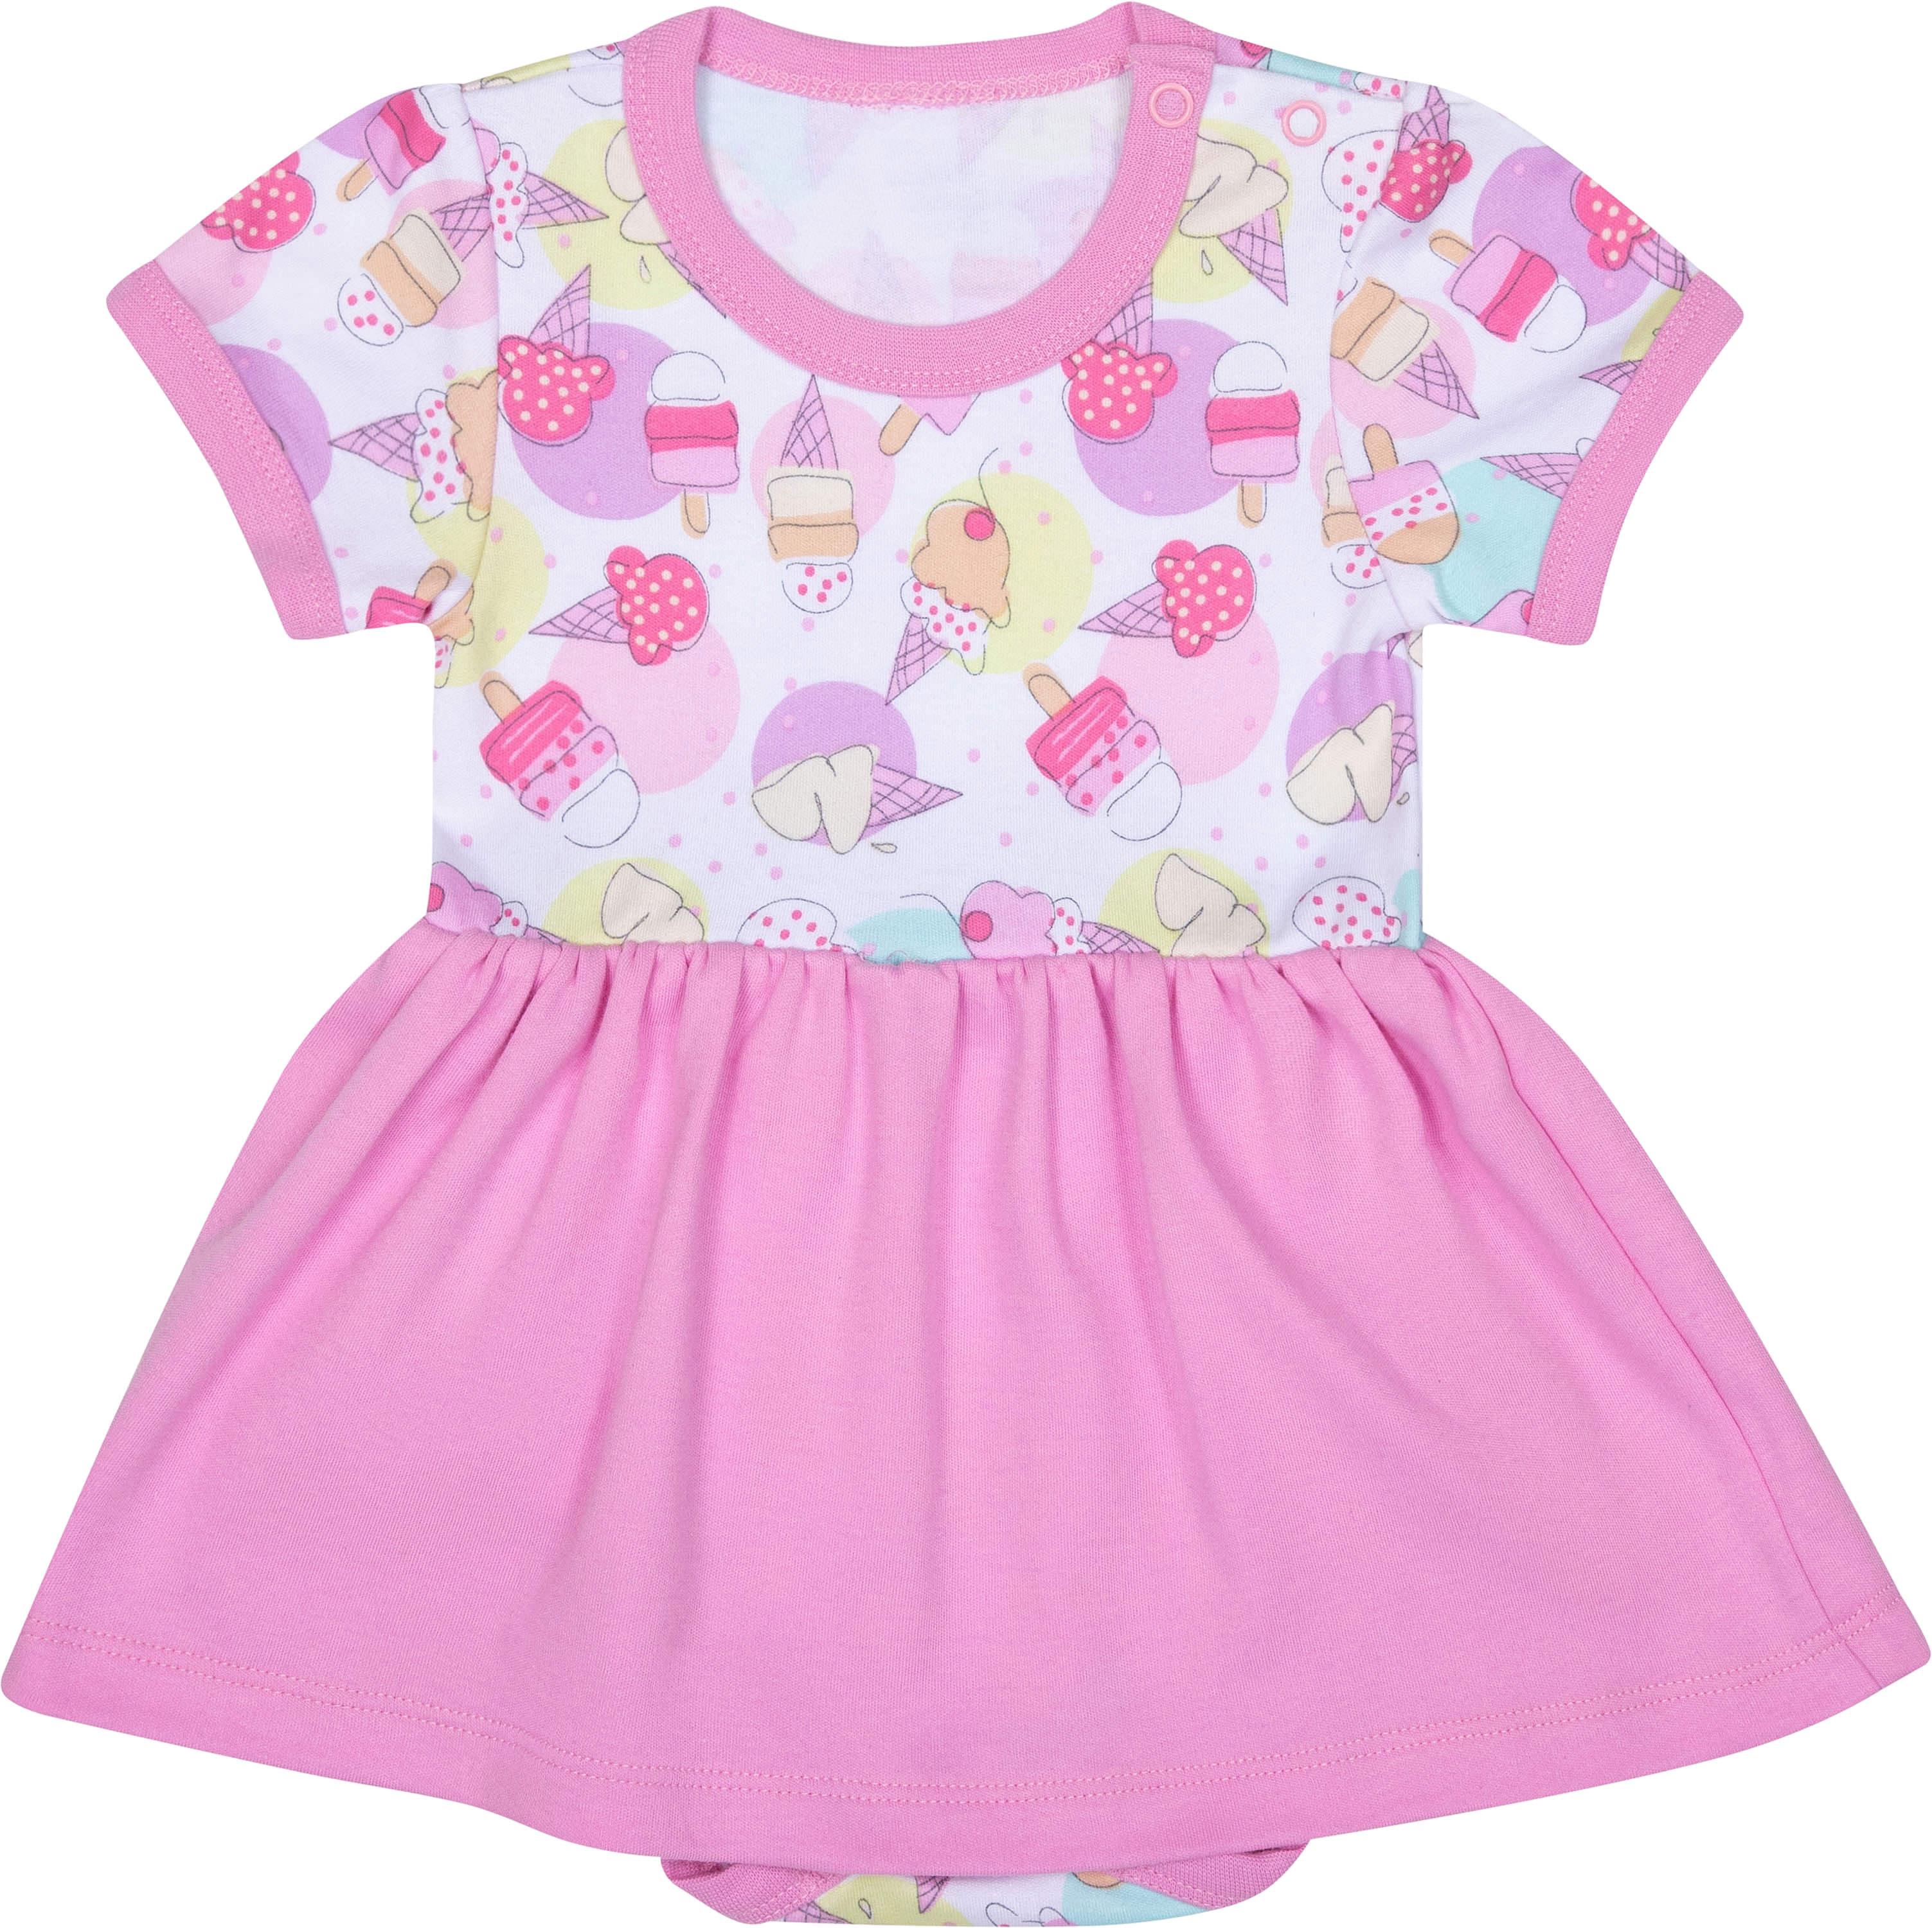 Боди с коротким рукавом для девочки Barkito Маленькие сладости, белое с розовым платья barkito платье без рукавов barkito алоха гавайи белое